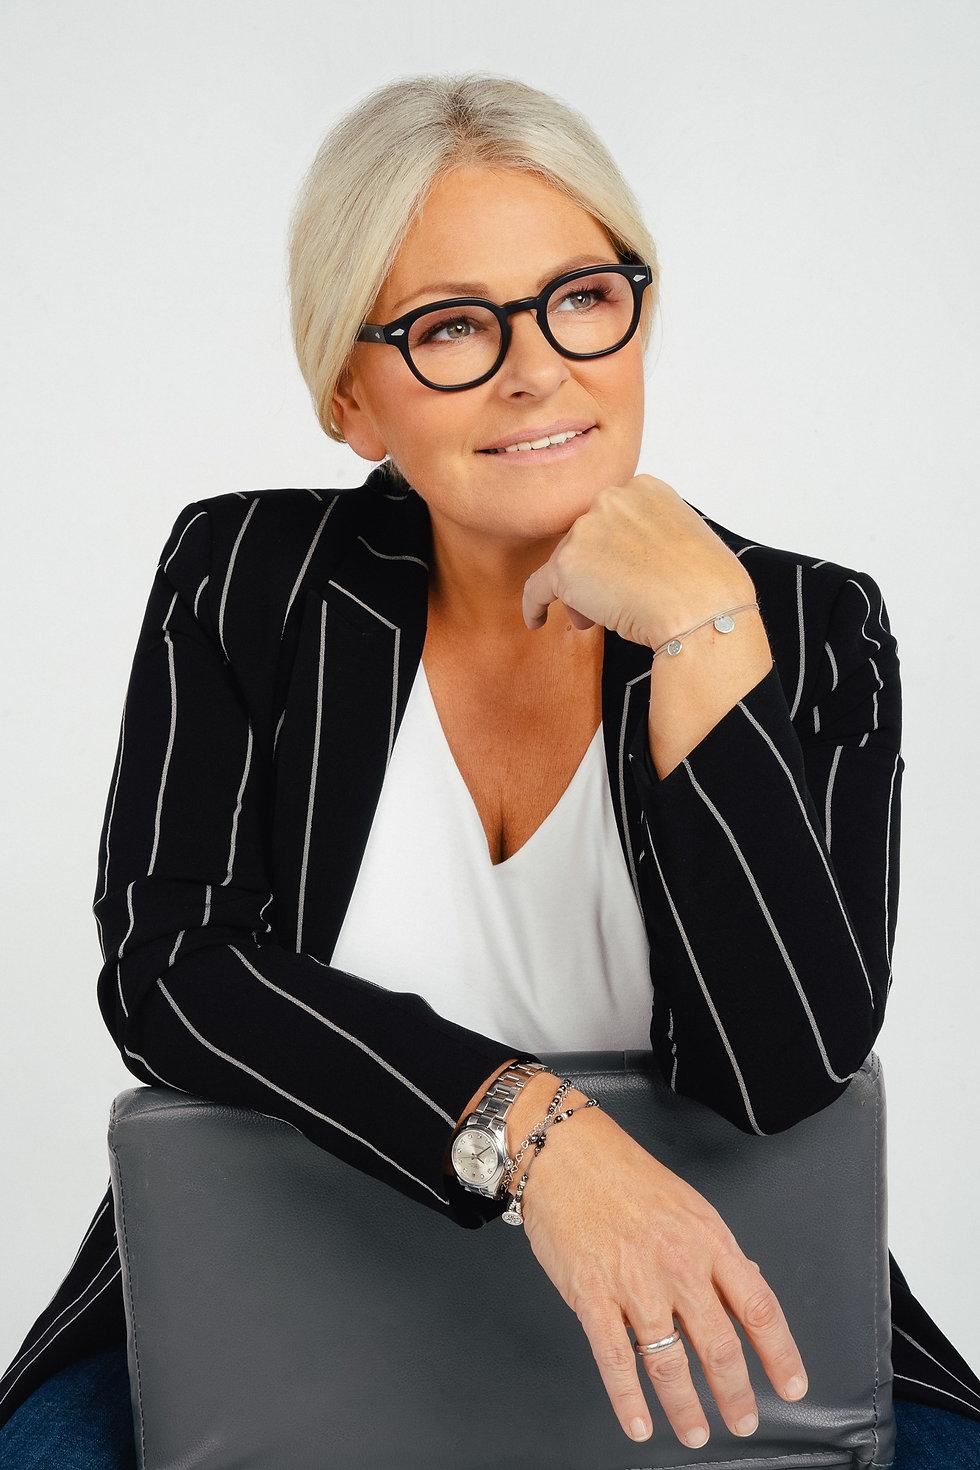 Claudia Messen Business Portrait